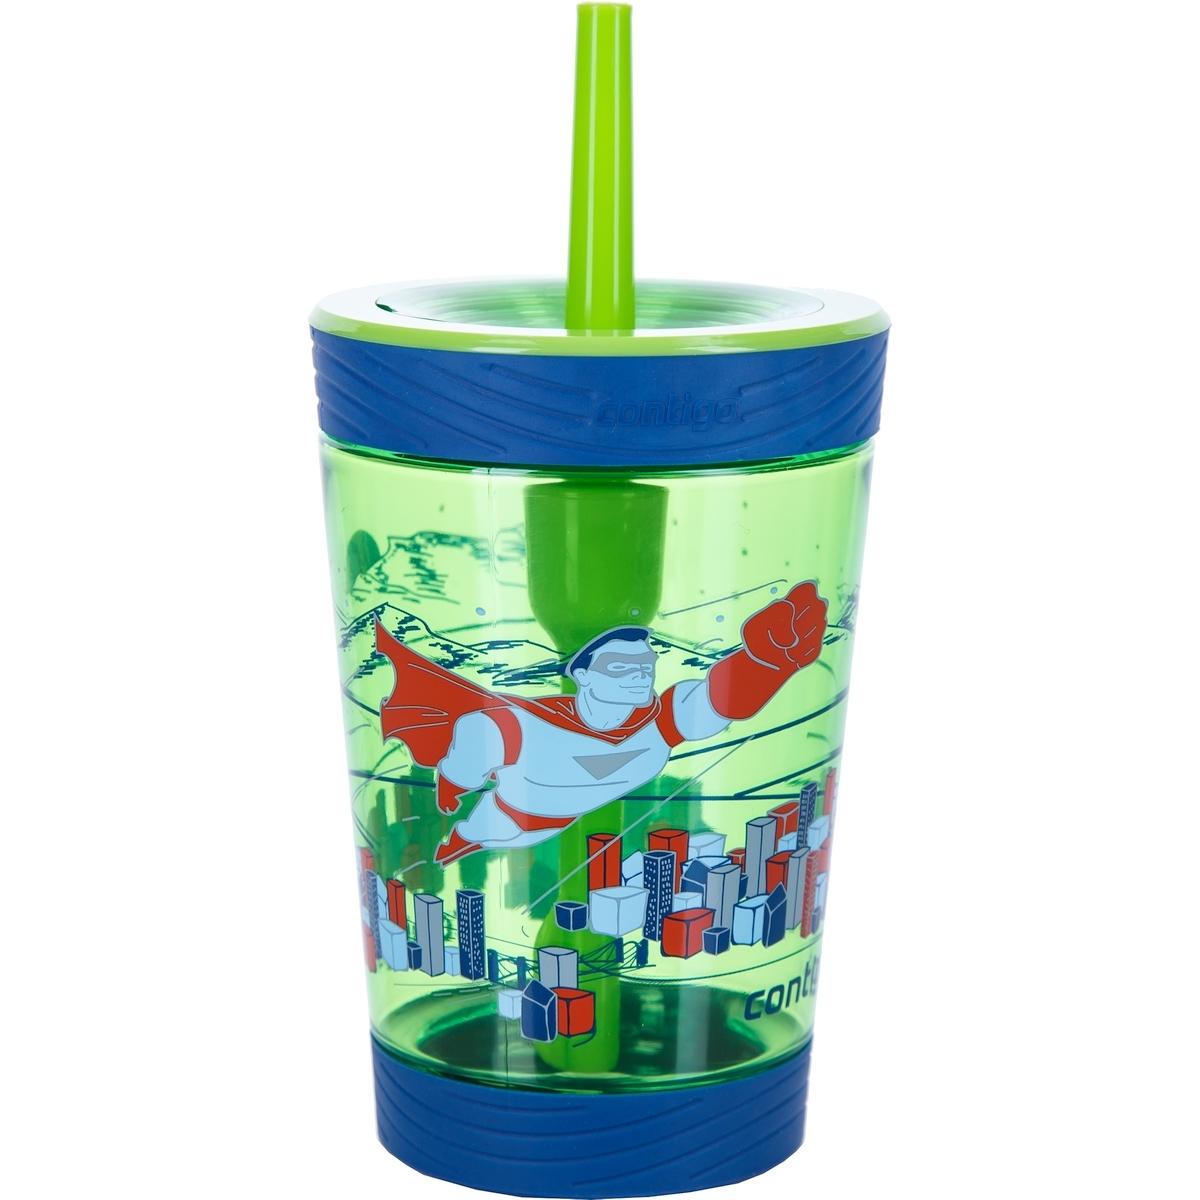 Детский стакан для воды с трубочкой Contigo Spill Proof Tumbler (0.42 литра), зеленый